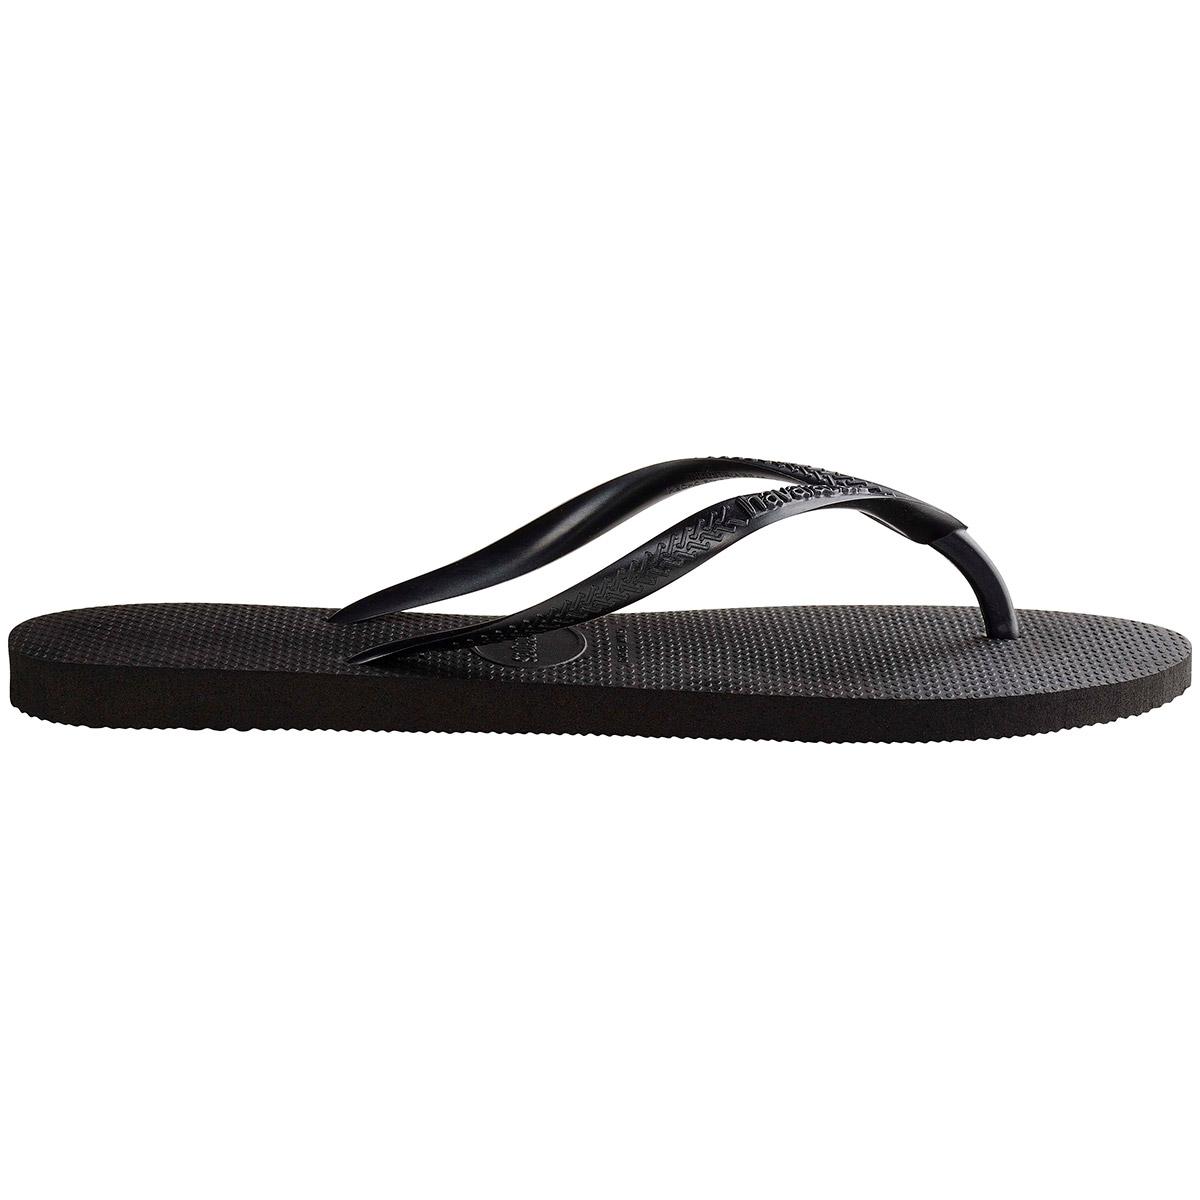 7e76bf4e1cd87a Havaianas Slippers zwart - kleertjes.com